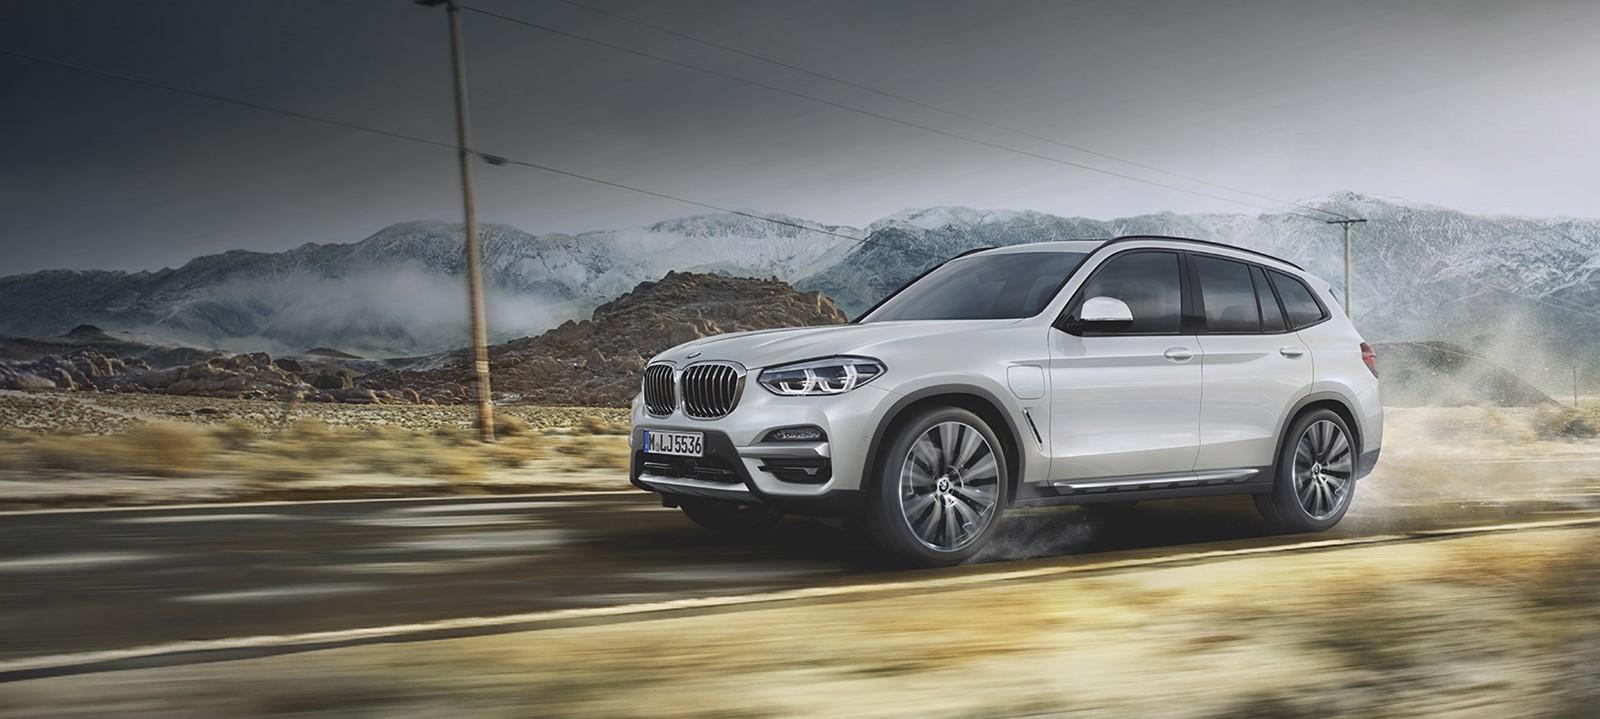 BMW X3 30e 출시 충전만 자유롭다면 매리트는 충분